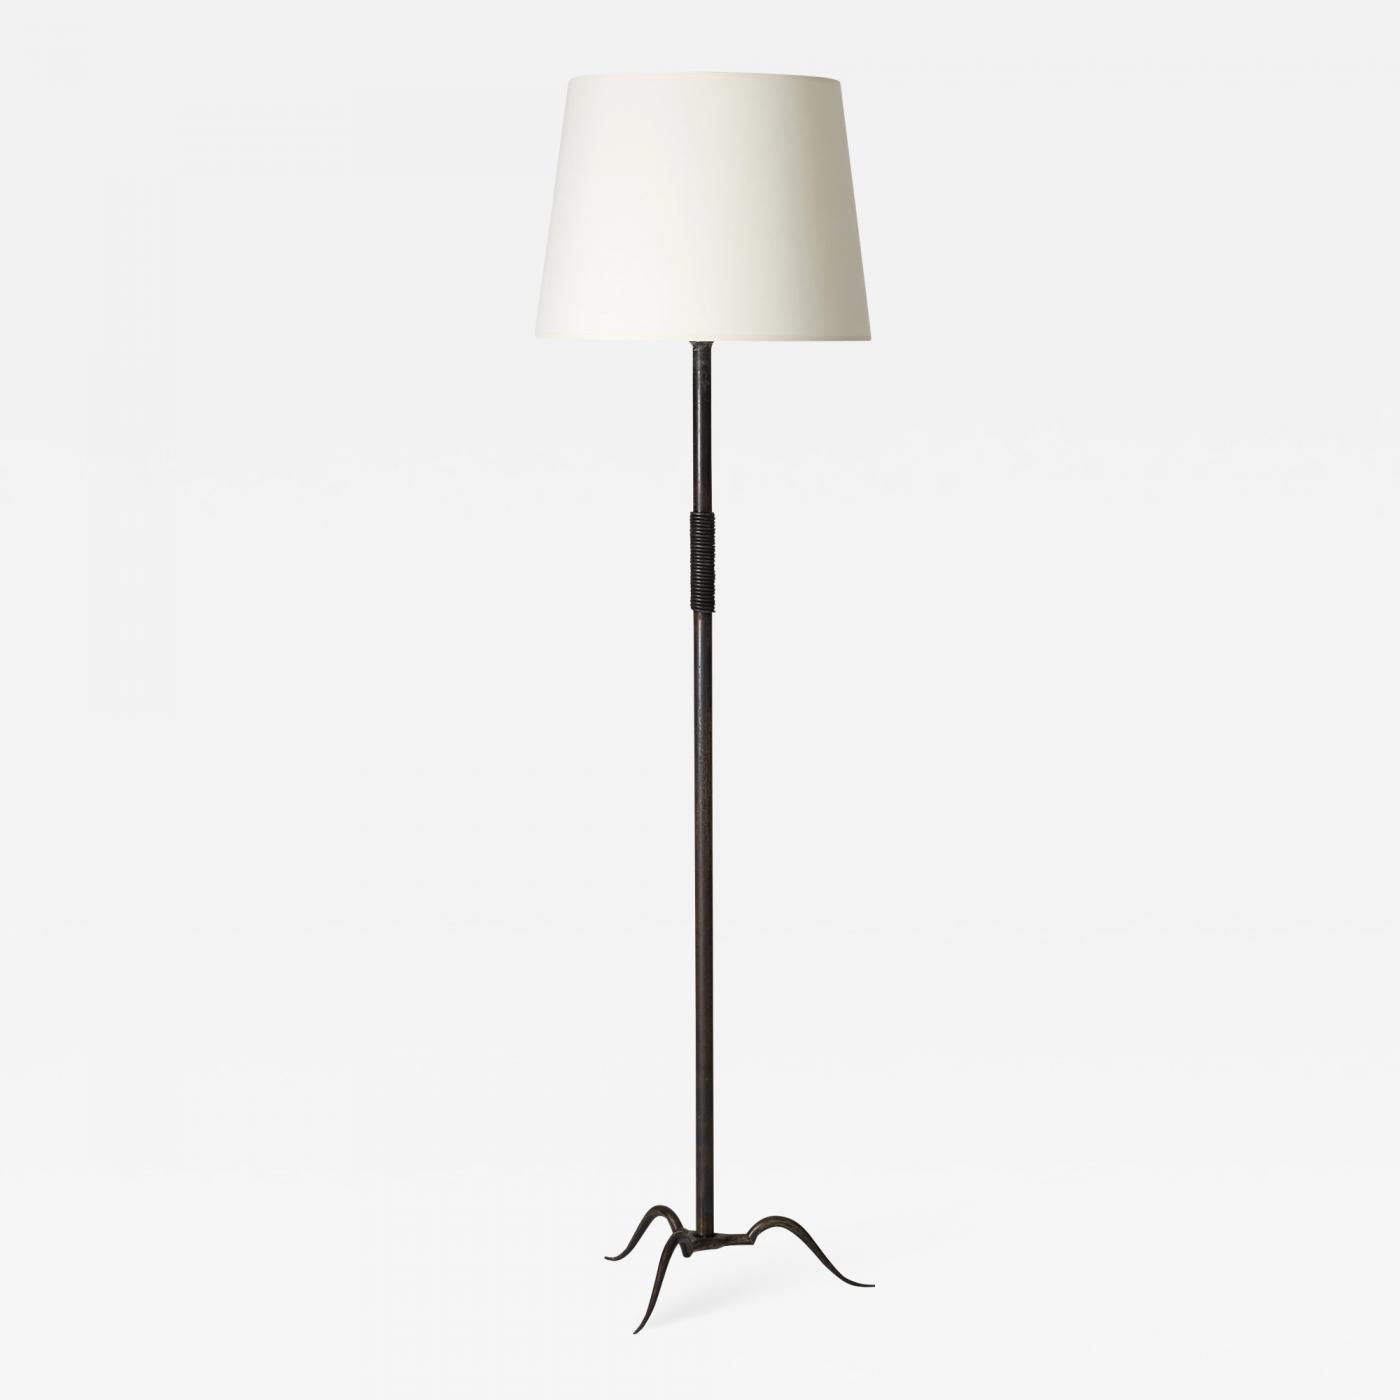 Michel Zadounaisky Art Deco Wrought Iron Floor Lamp By Michel Zadounaisky